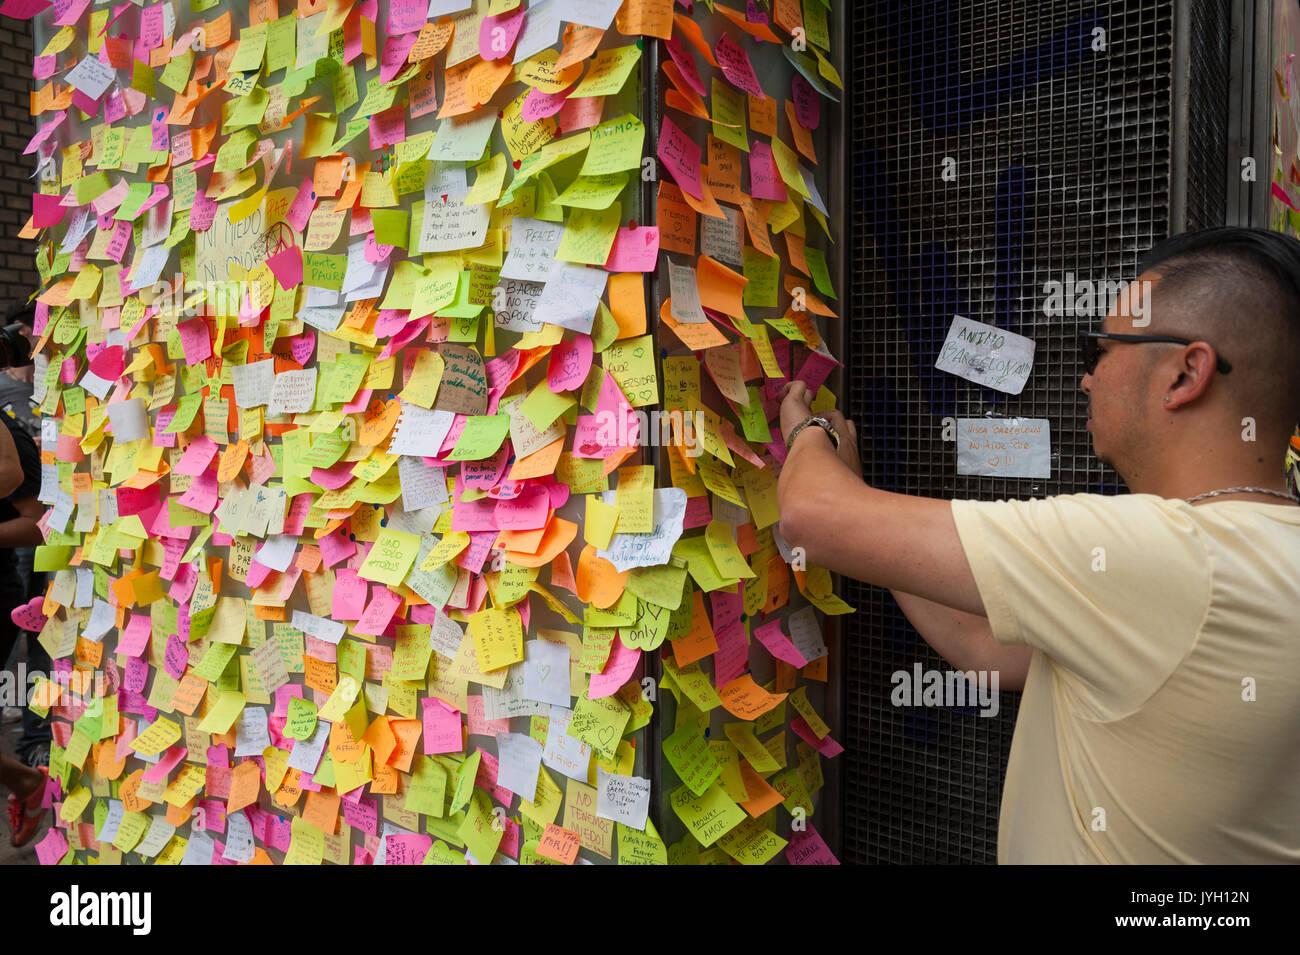 Barcelone, Catalogne, Espagne. Août 19, 2017. Hommages aux victimes de l'attaque de Barcelone. Crédit: Charlie Perez/Alamy Live News Banque D'Images